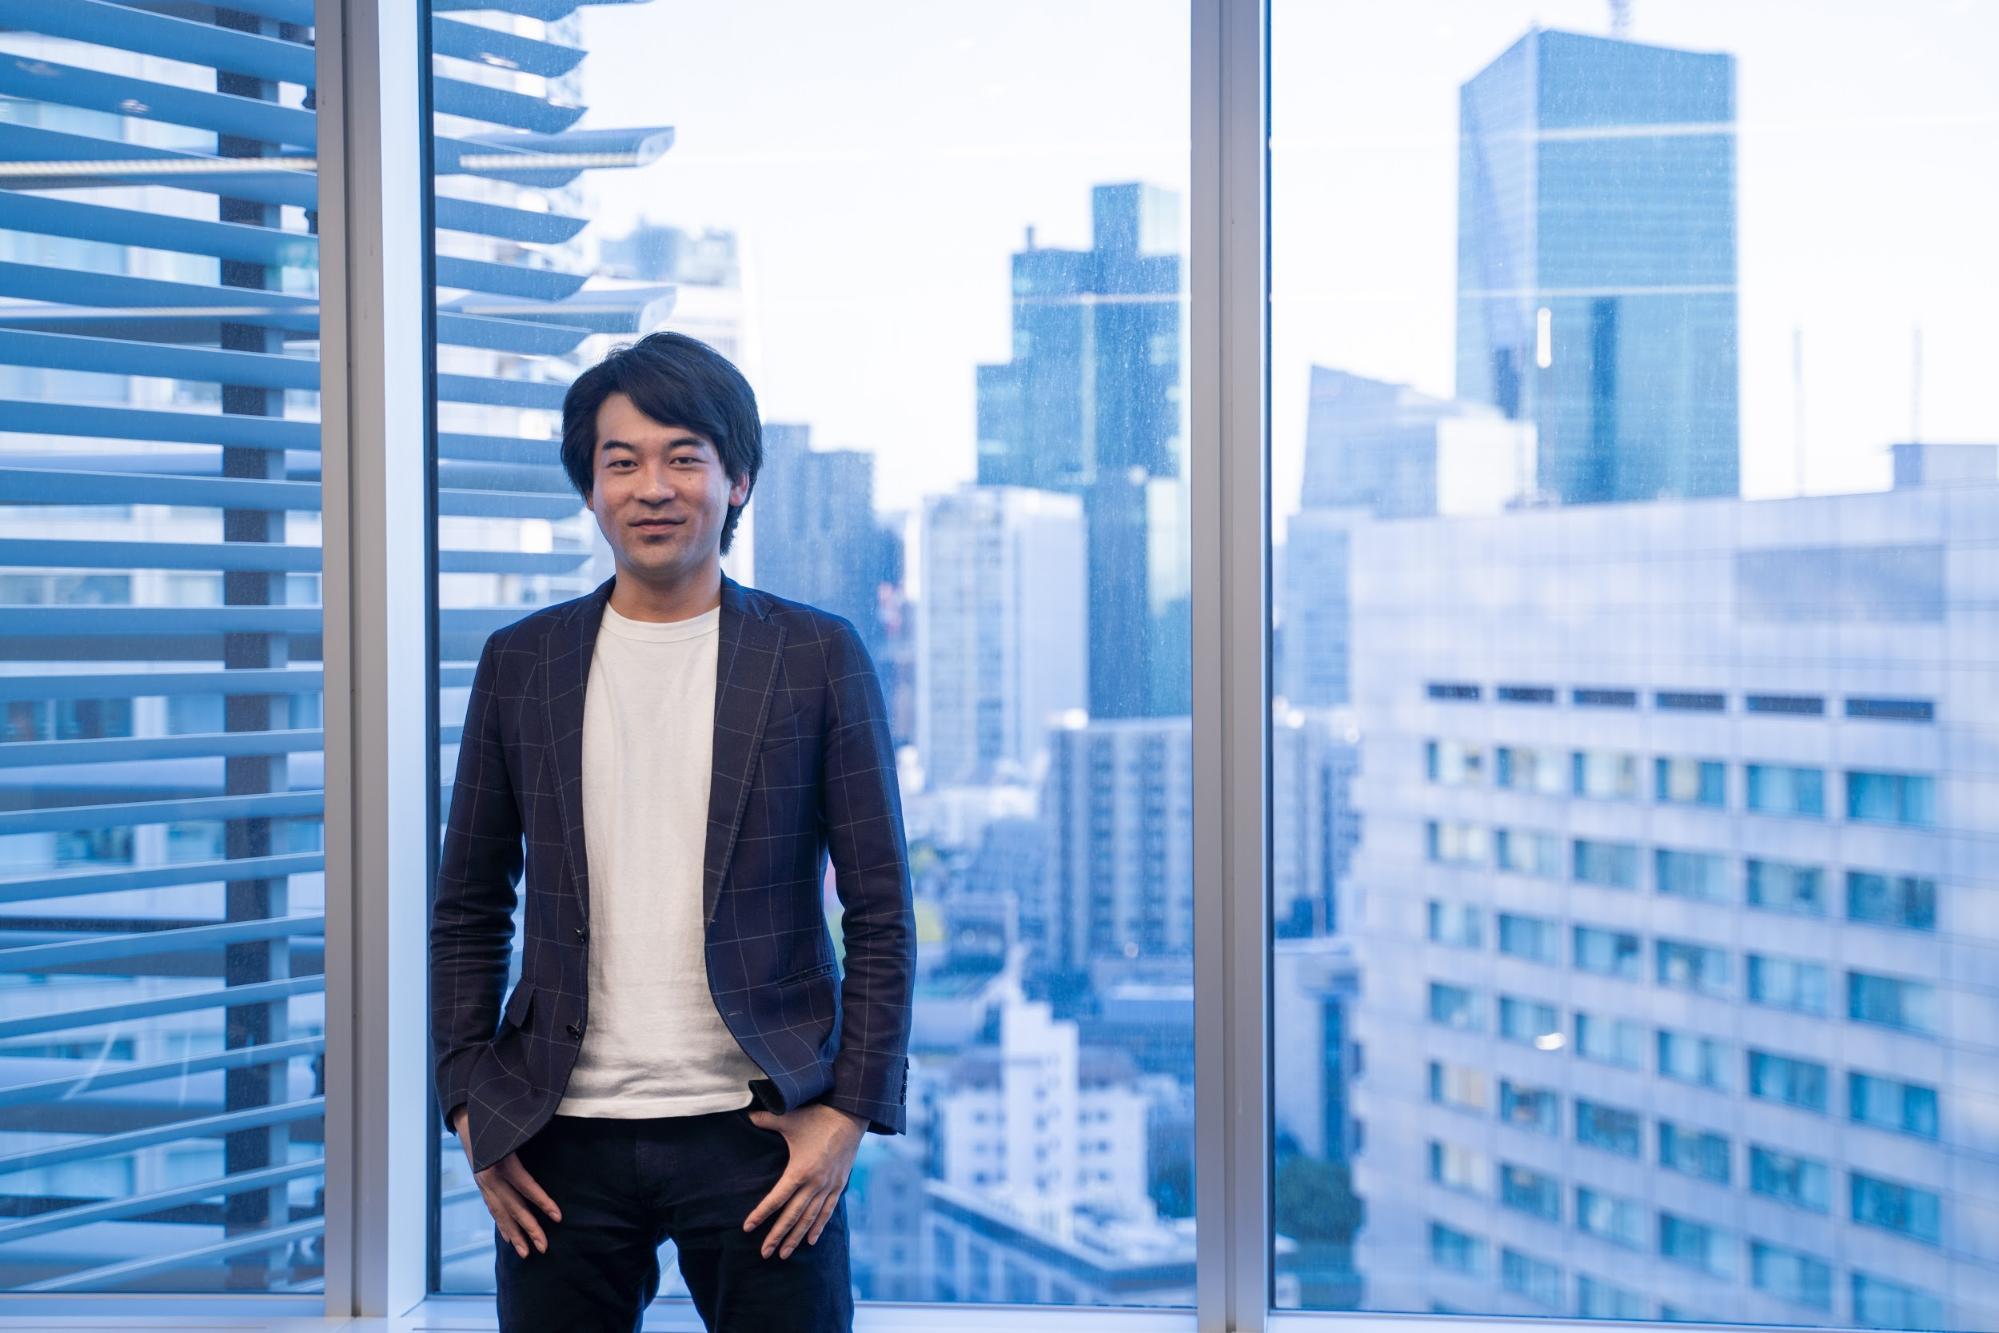 【加藤喬大】大企業でスタートアップライクに働くには?博報堂で活躍する20代に「自分らしいキャリア」について聞いてみた